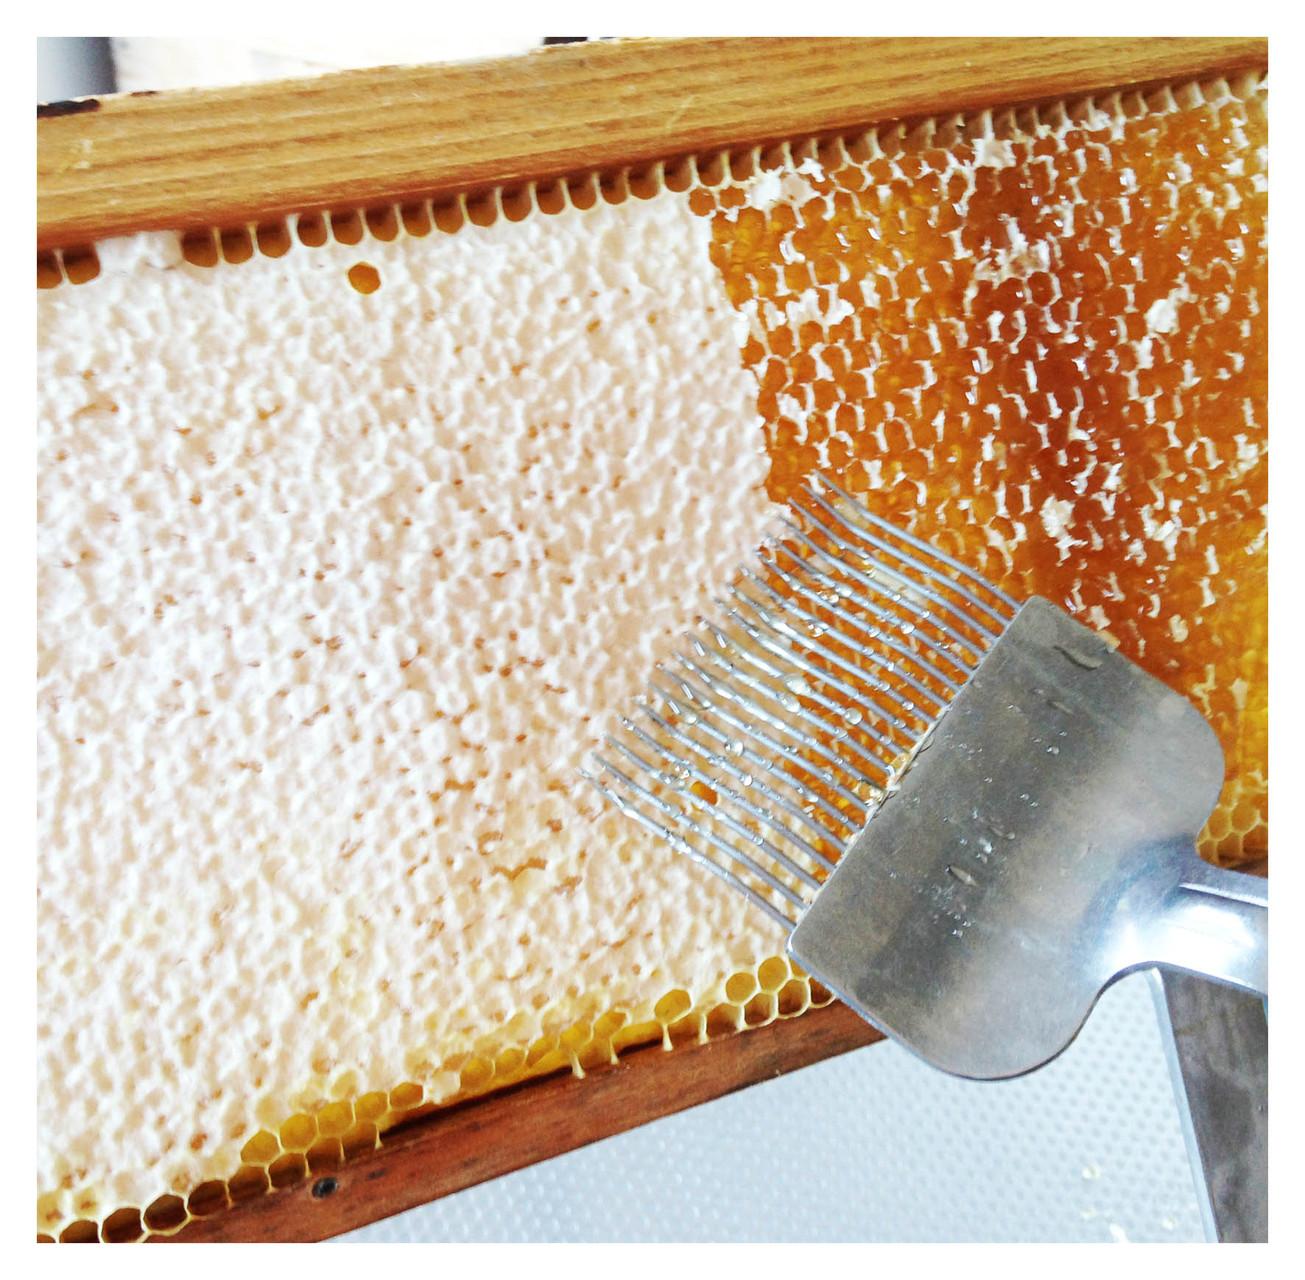 Mithilfe einer Entdeckelungsgabel werden die vollen Honigwaben geöffnet.